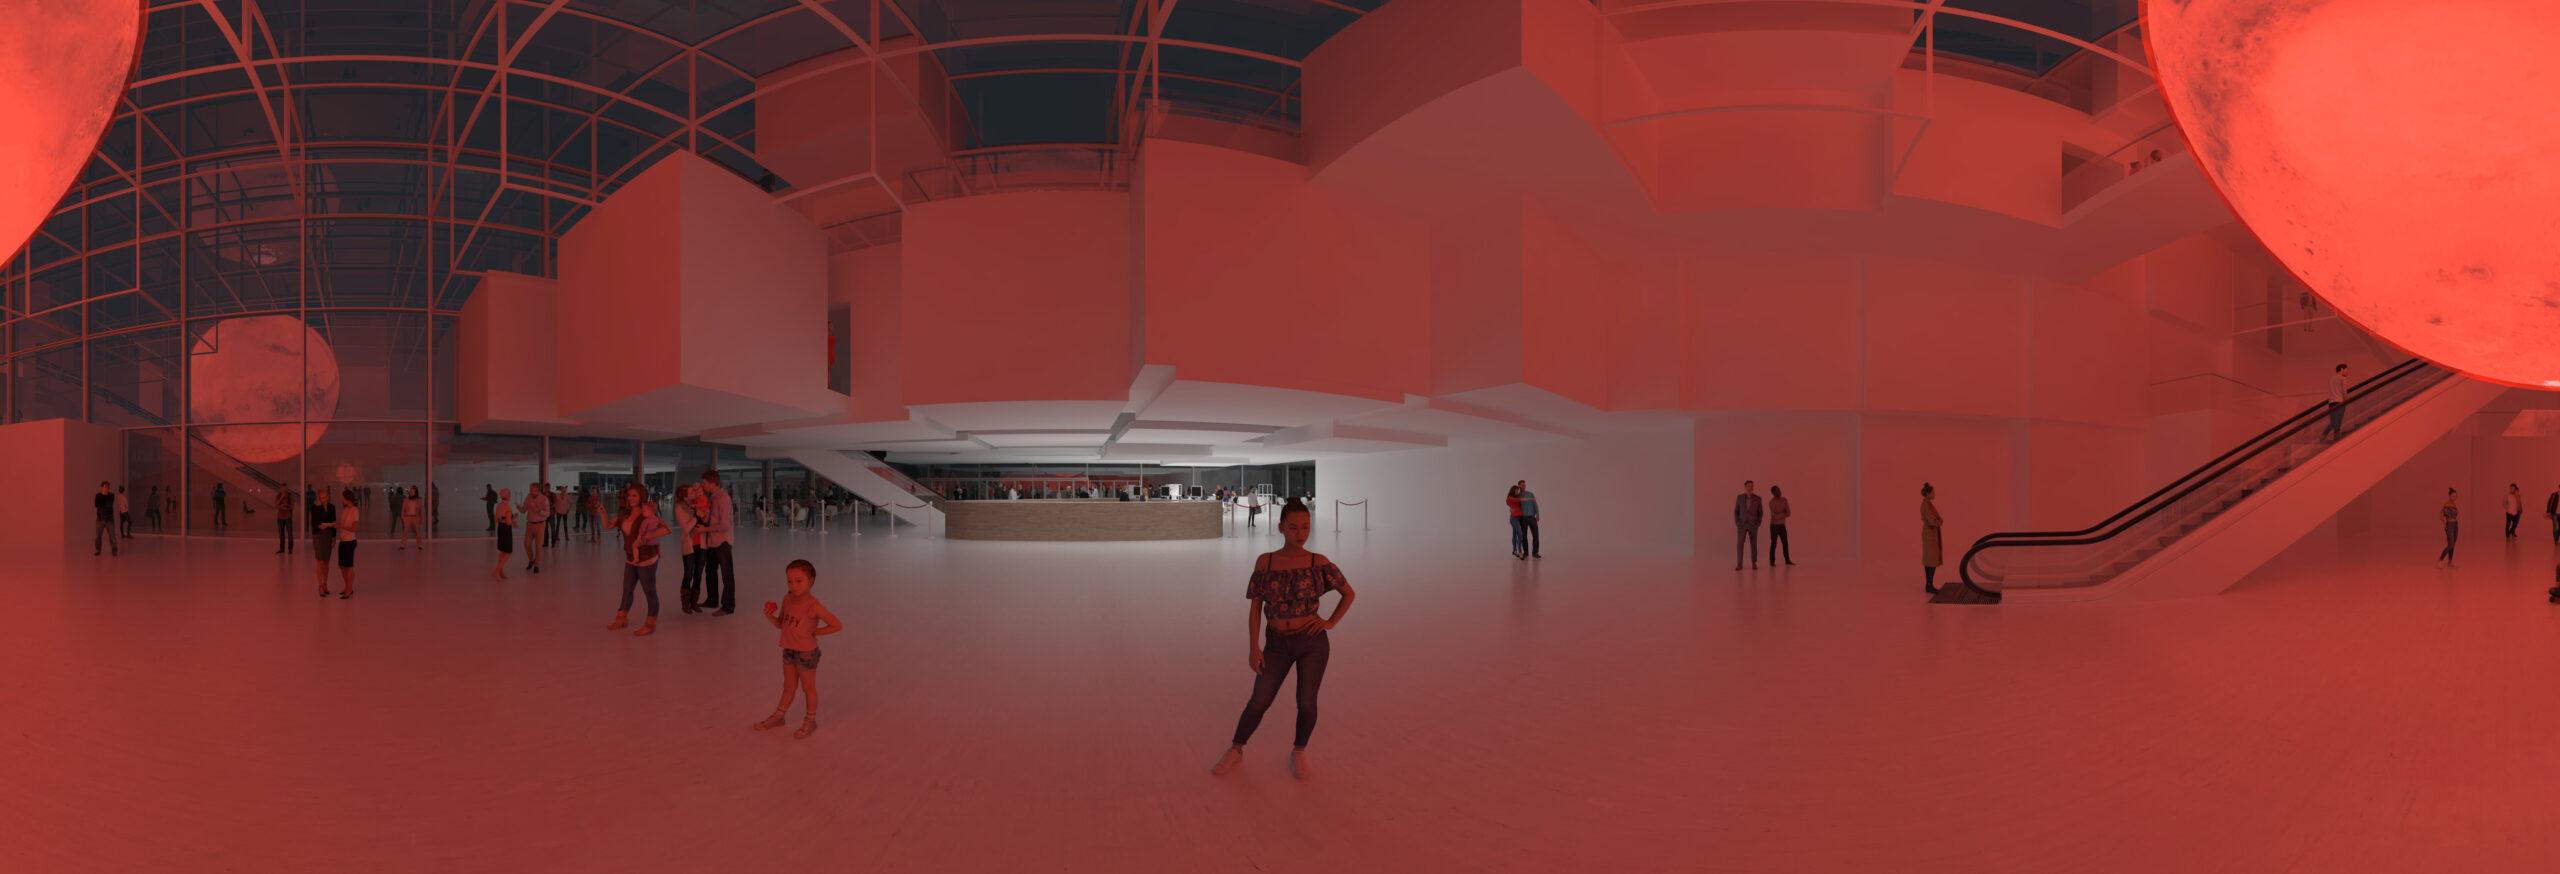 BUILDING-VR-PROMO